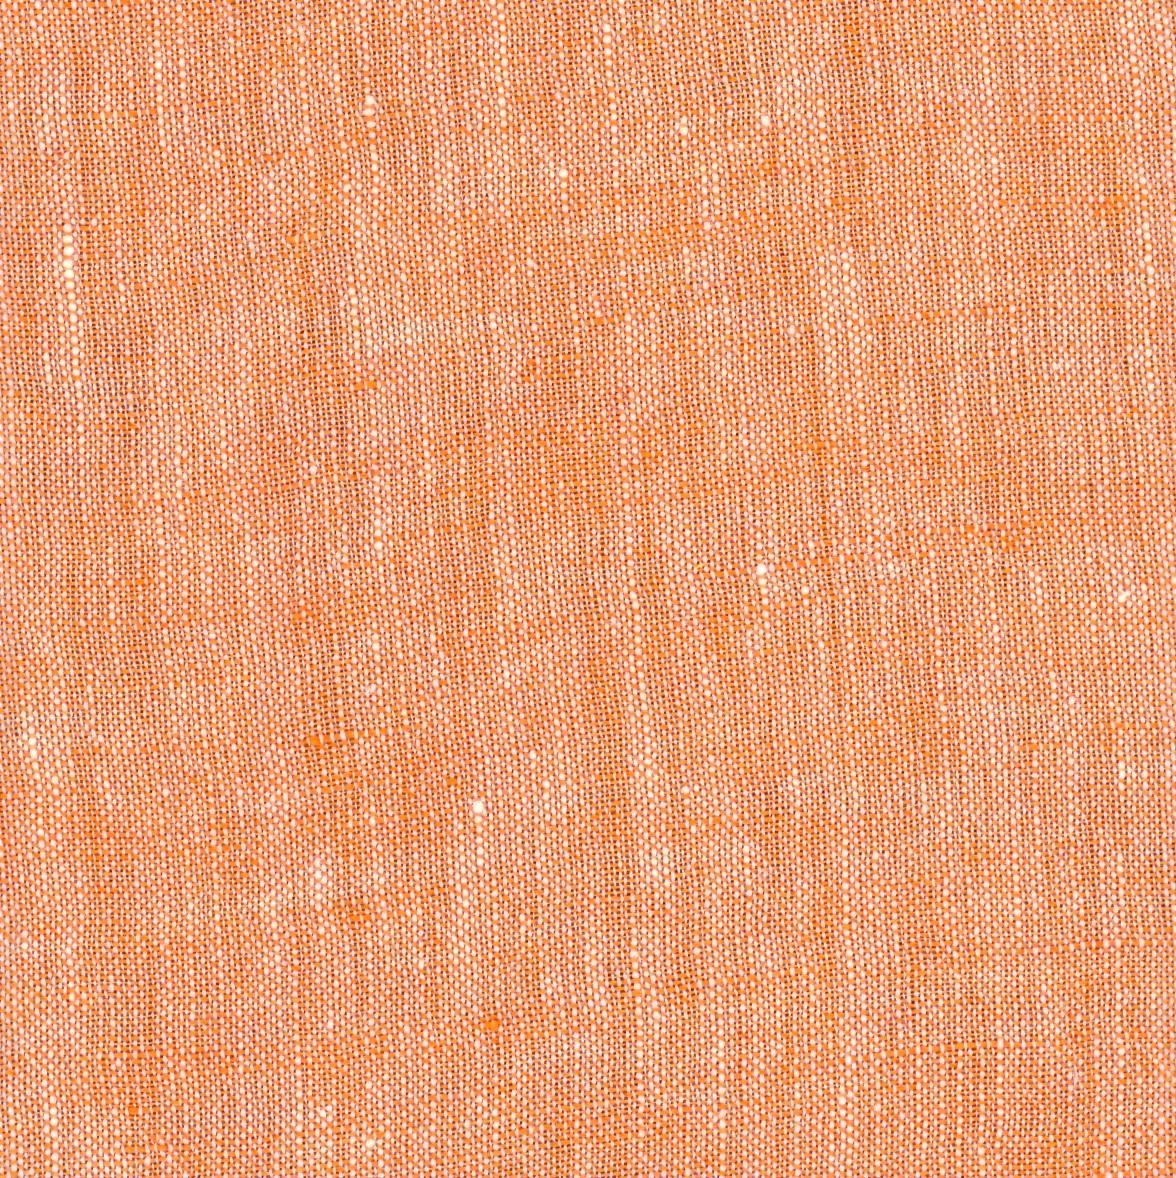 PERSICO MACHE' White/Orange